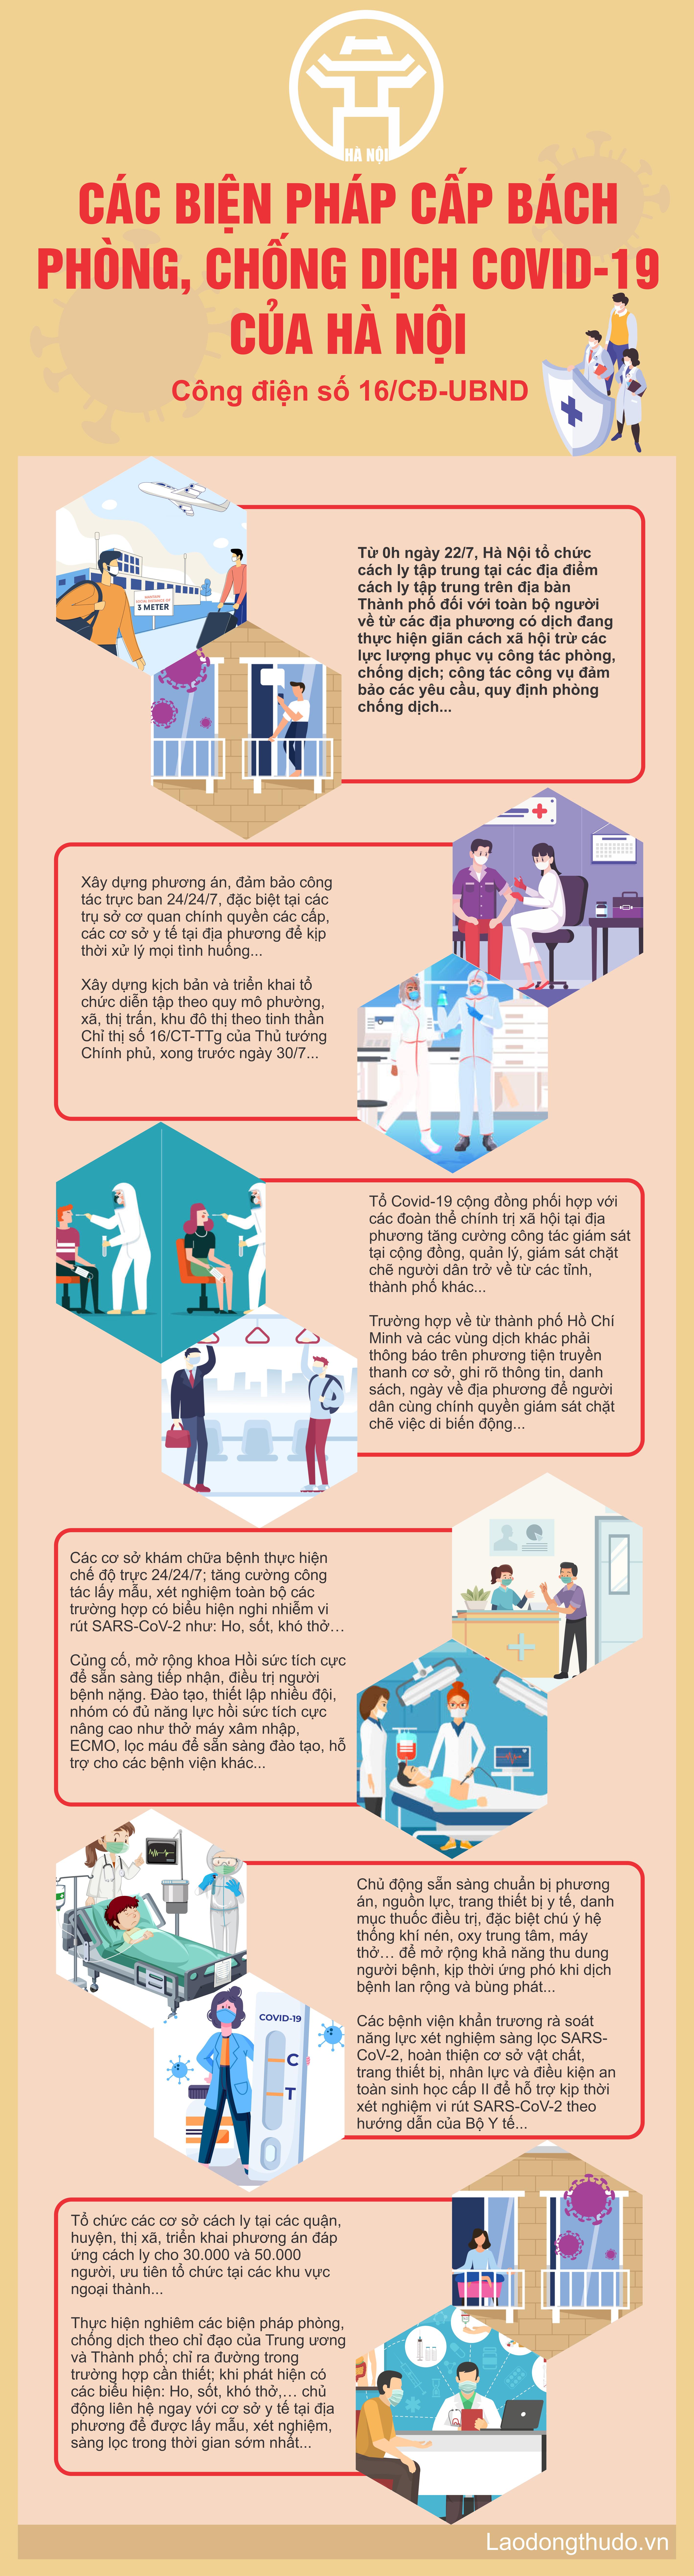 Các biện pháp cấp bách phòng, chống dịch Covid-19 của Hà Nội